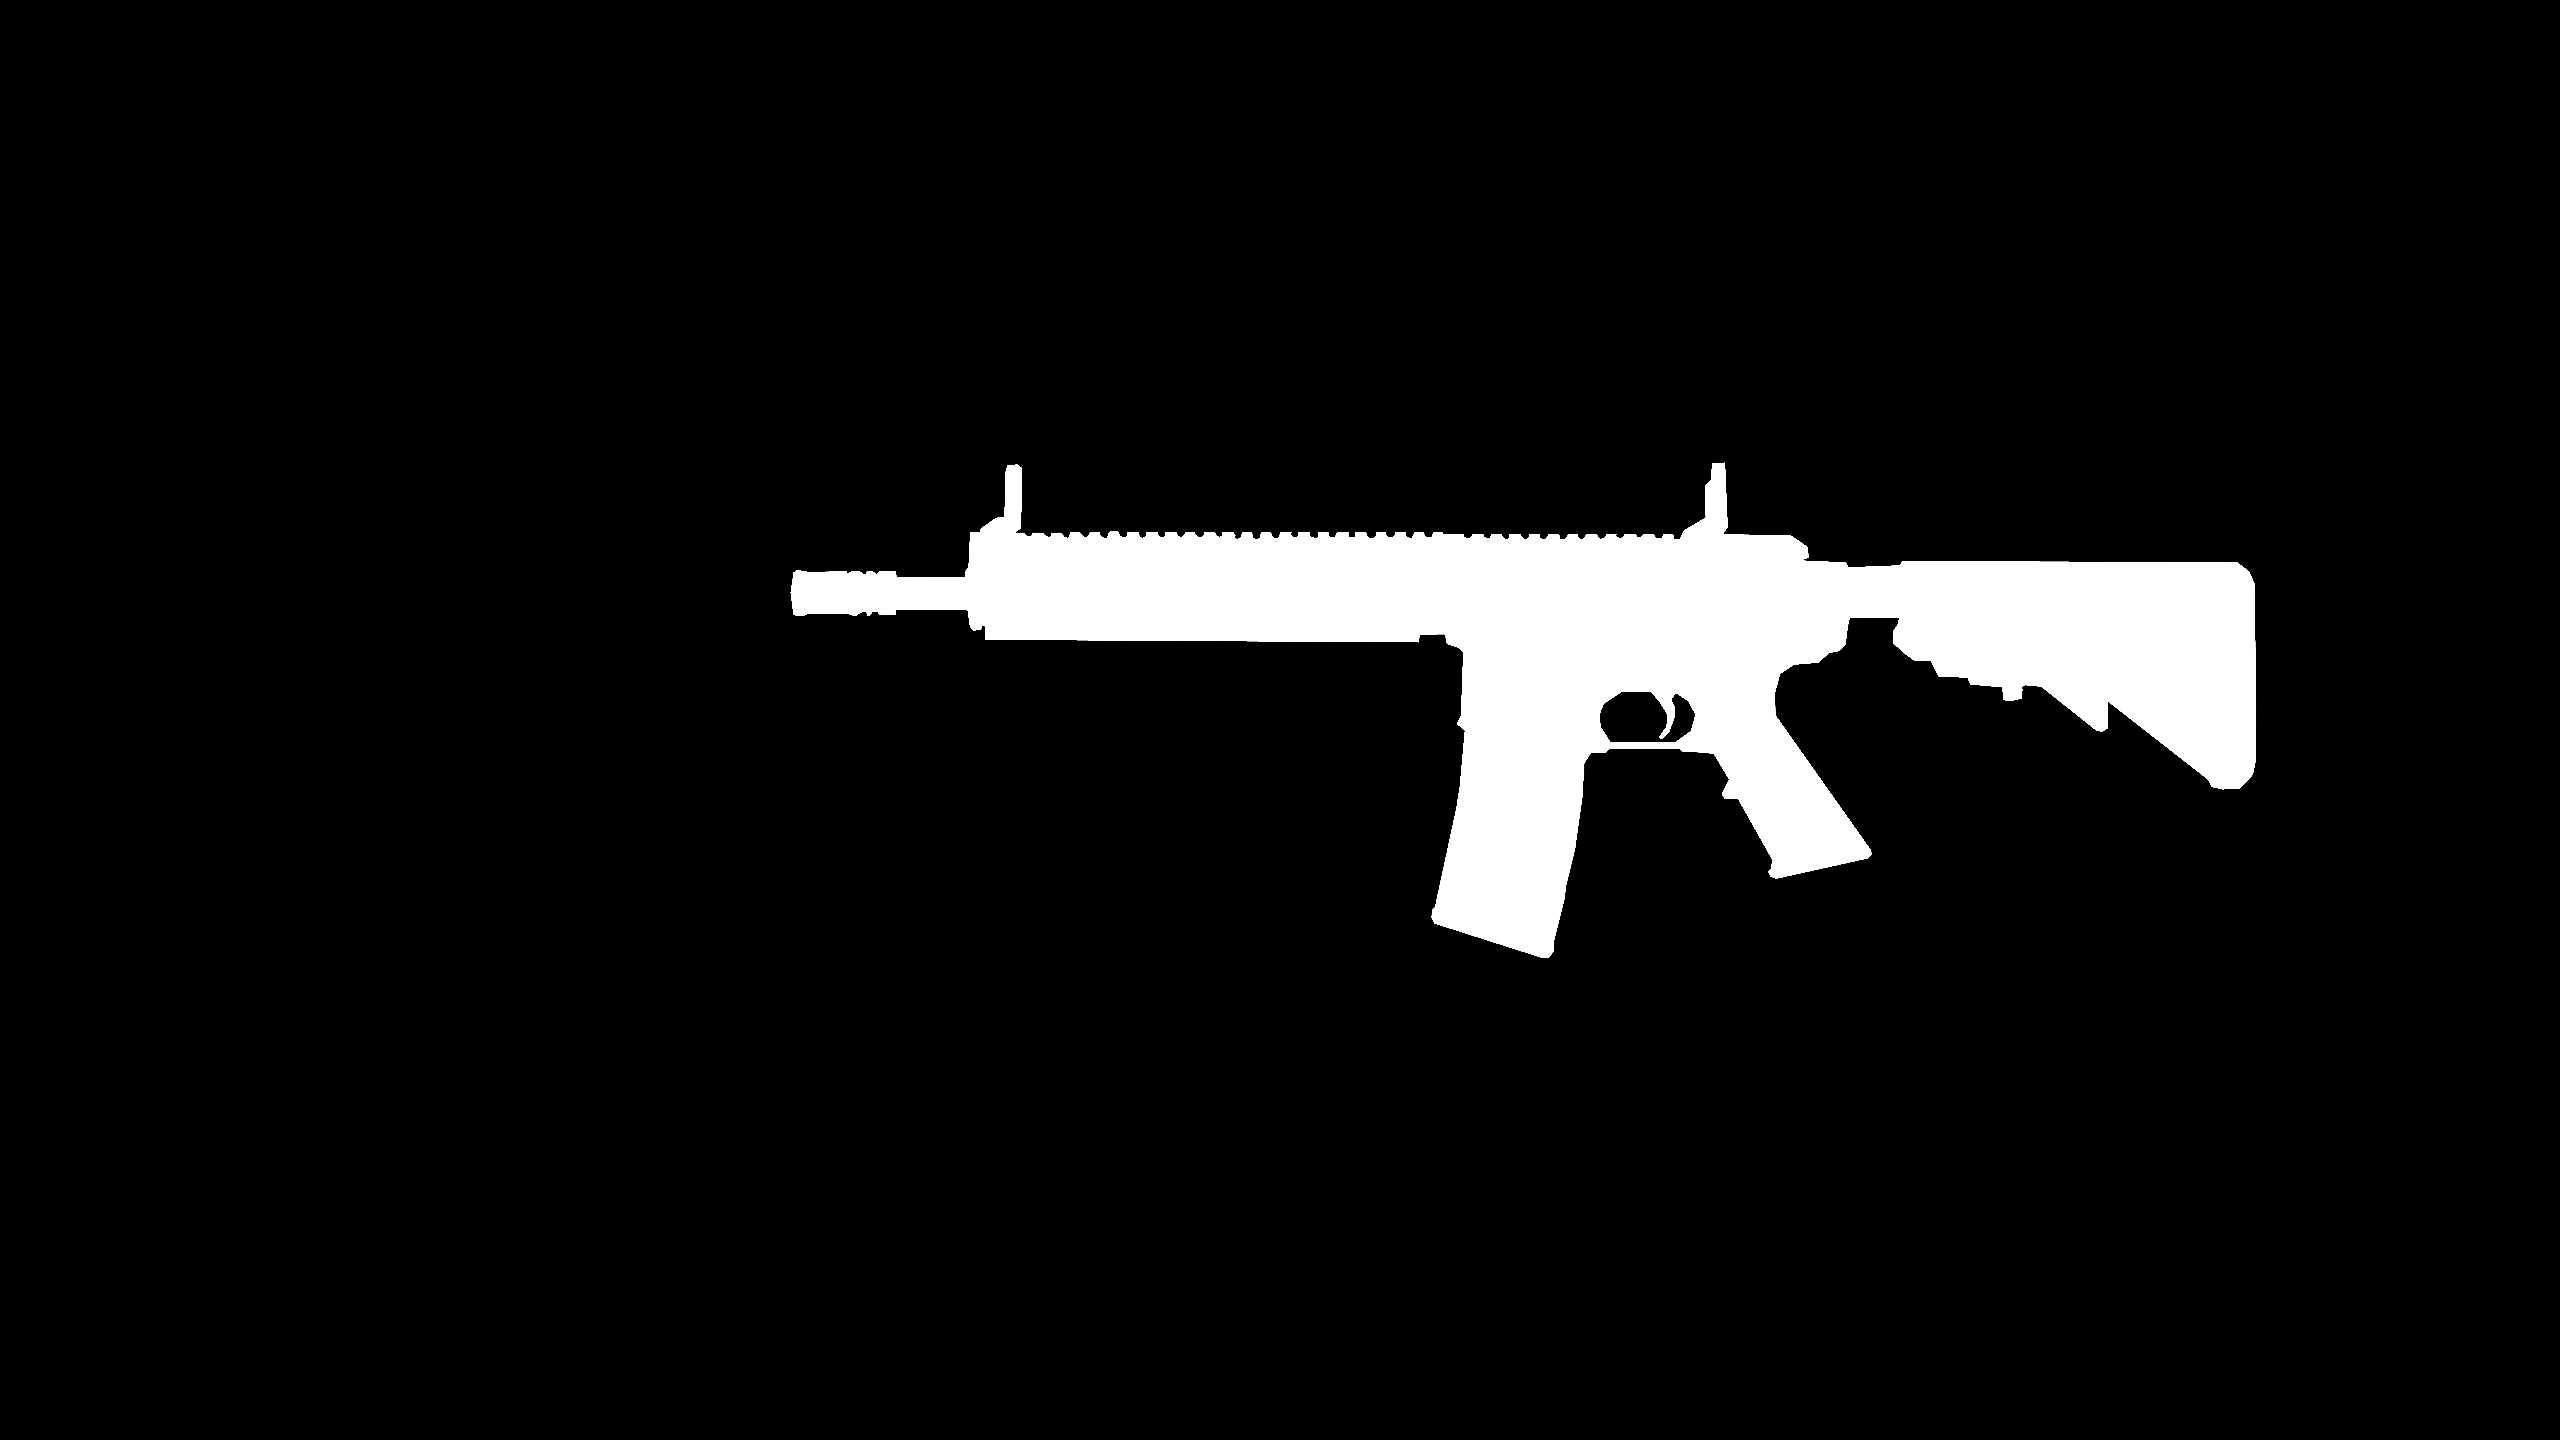 M4A1 umriss